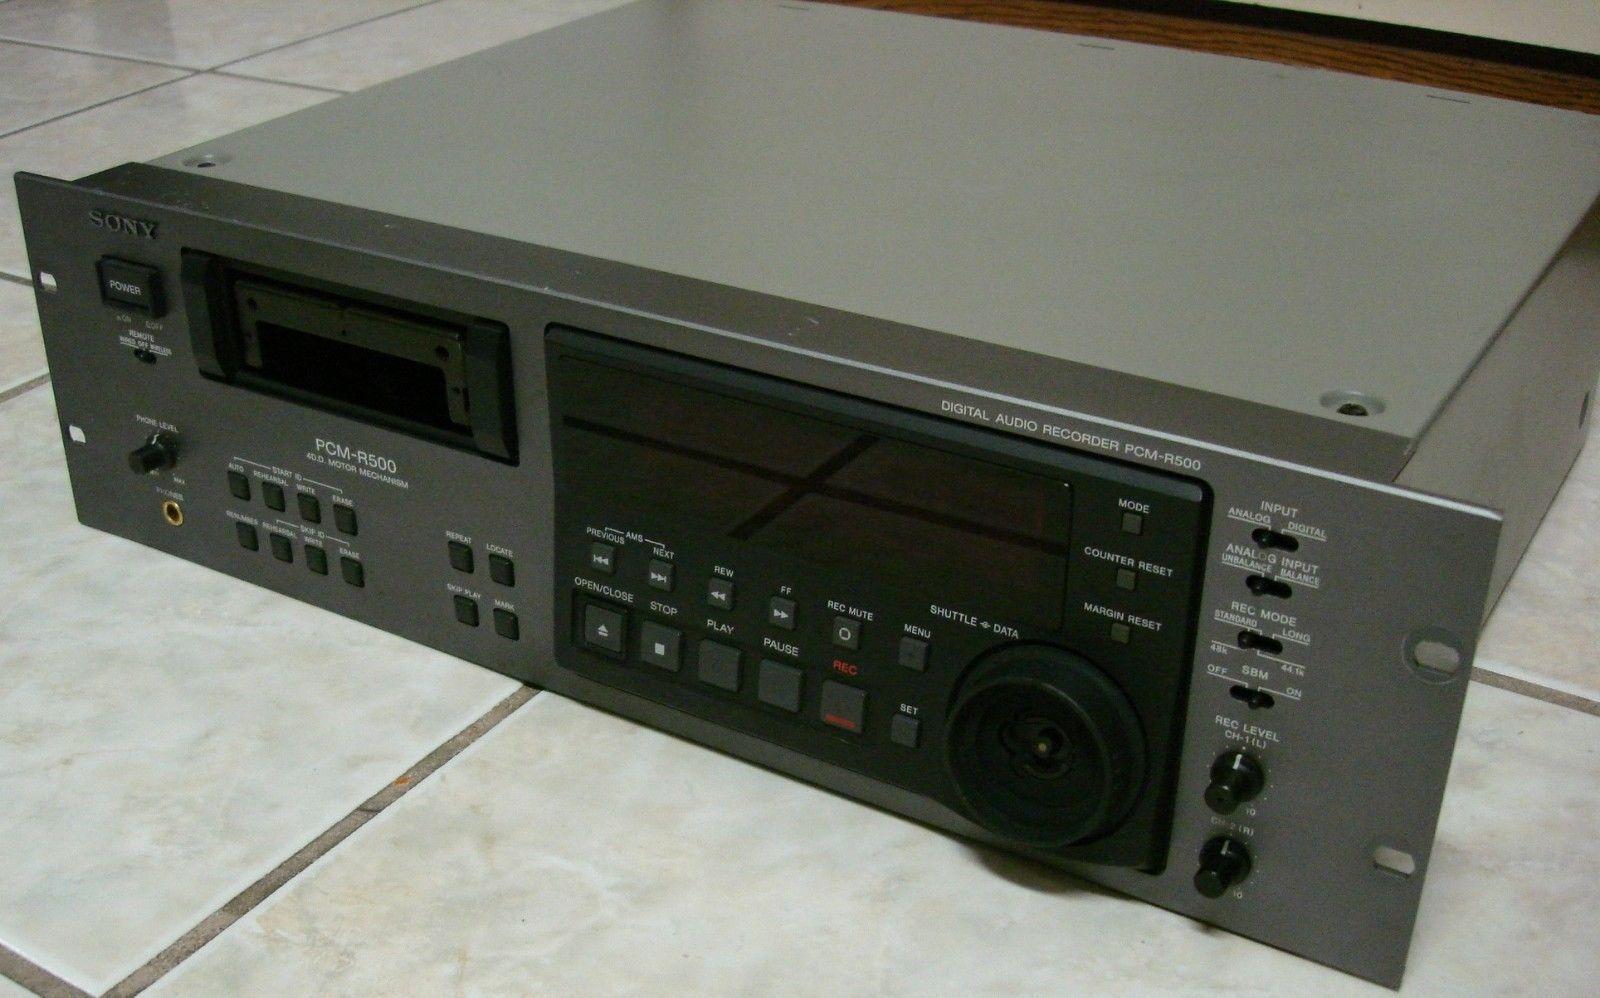 SONY PCM-R500 PCM-R500 PCM-R500 Digital Audio Tape DAT Player Recorder Deck 4-Motor DD SBM 0956 DH a767a0